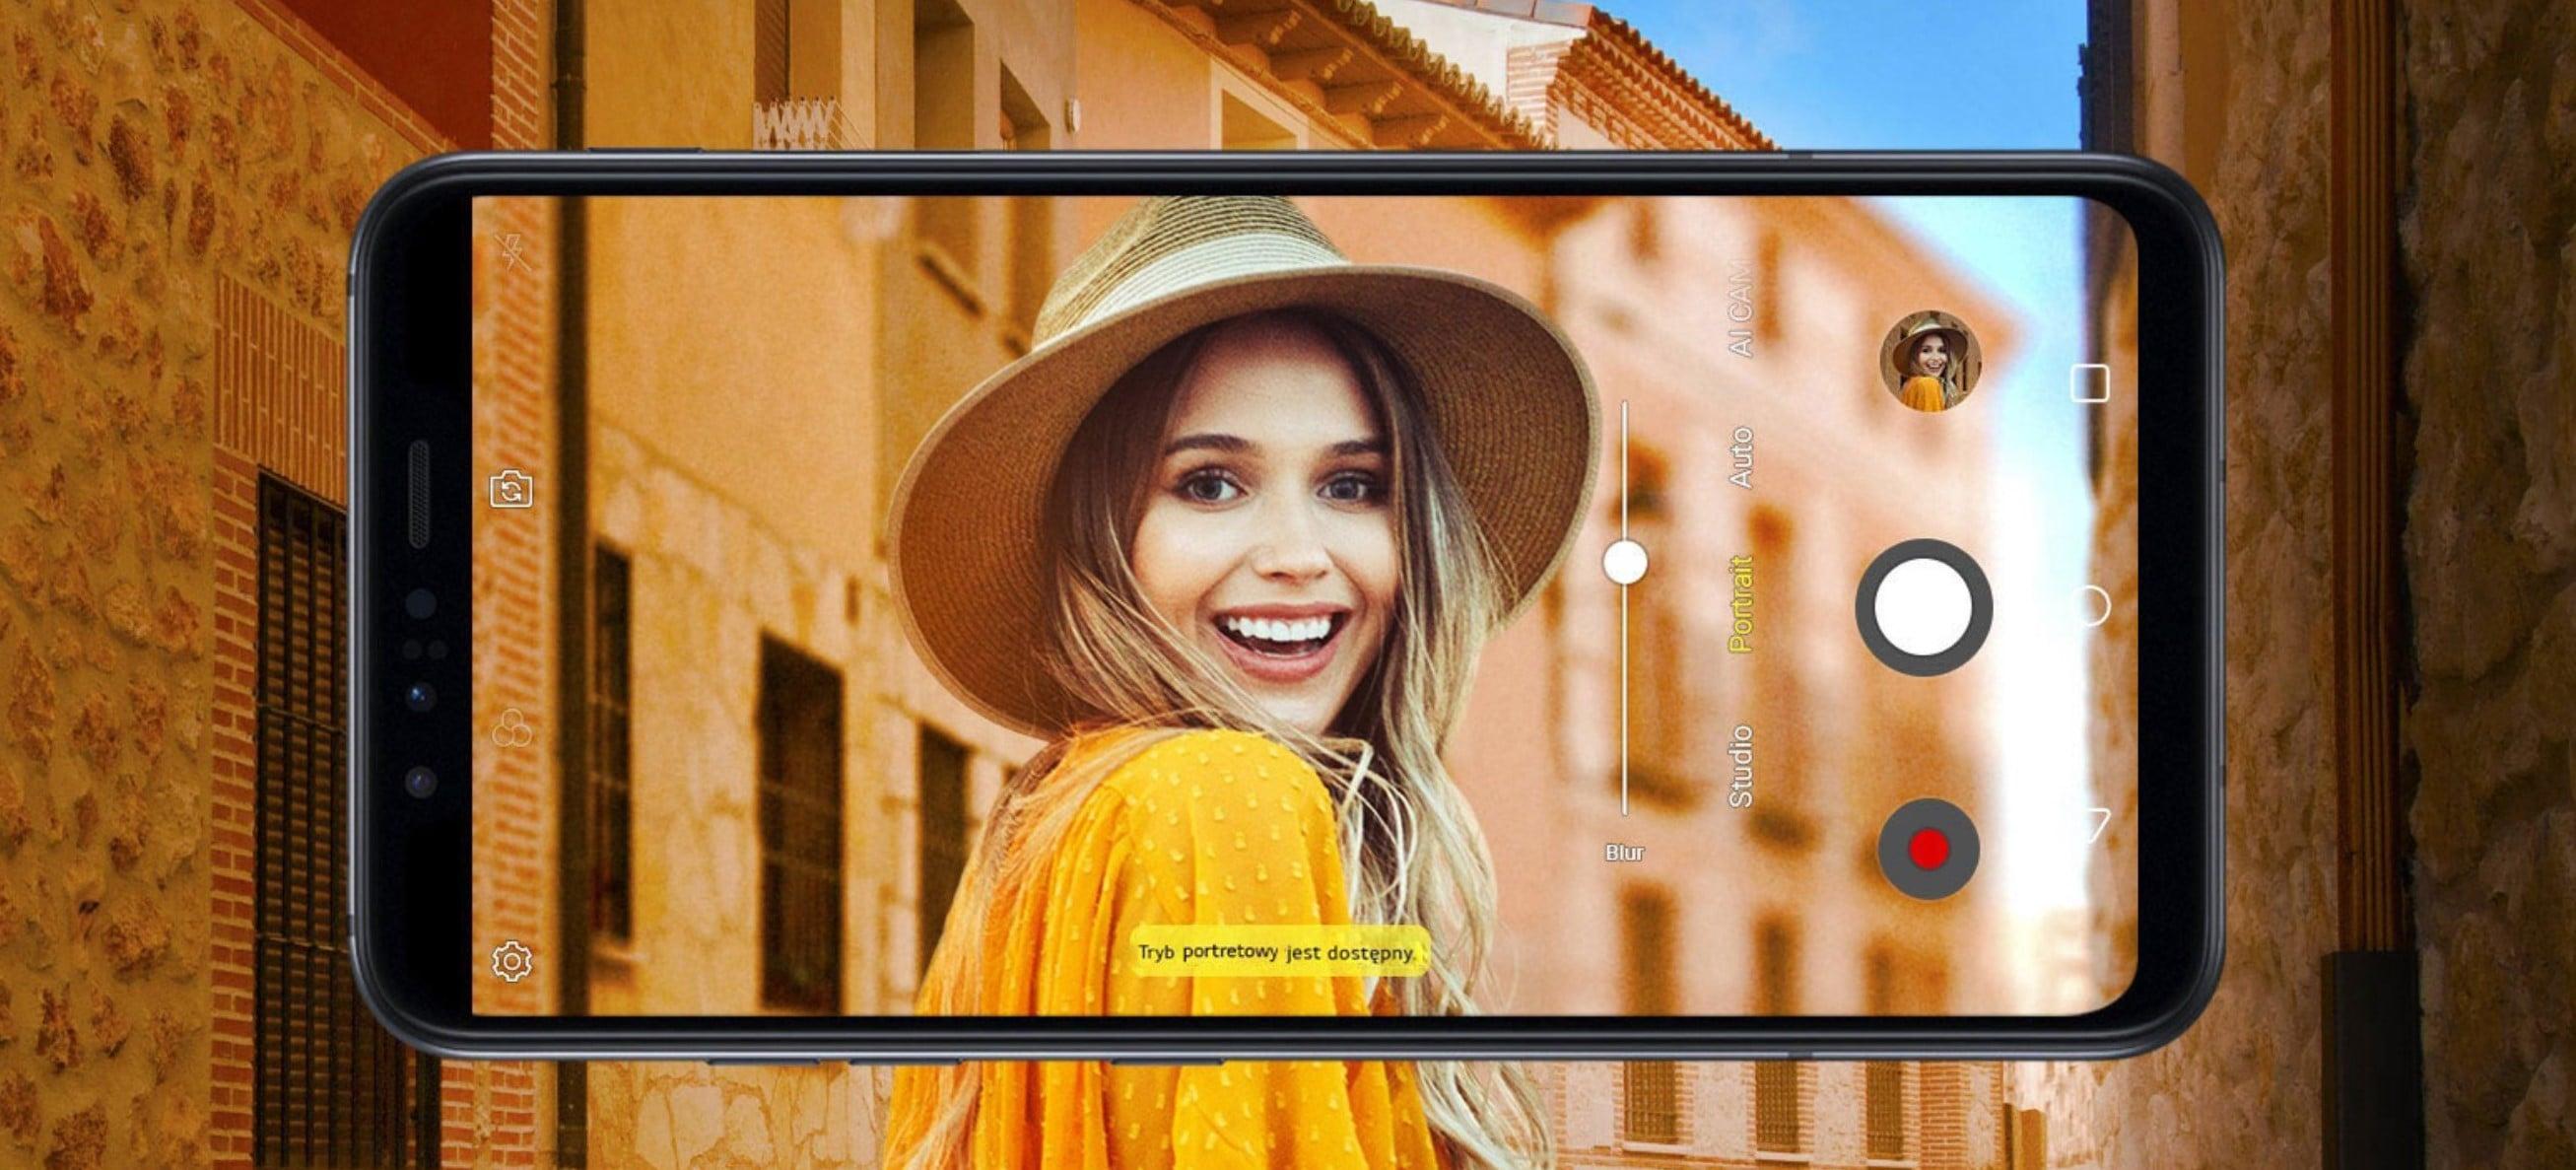 LG G8s ThinQ w promocji. W prezencie: 400 zł zwrotu i roczna gwarancja na wyświetlacz 23